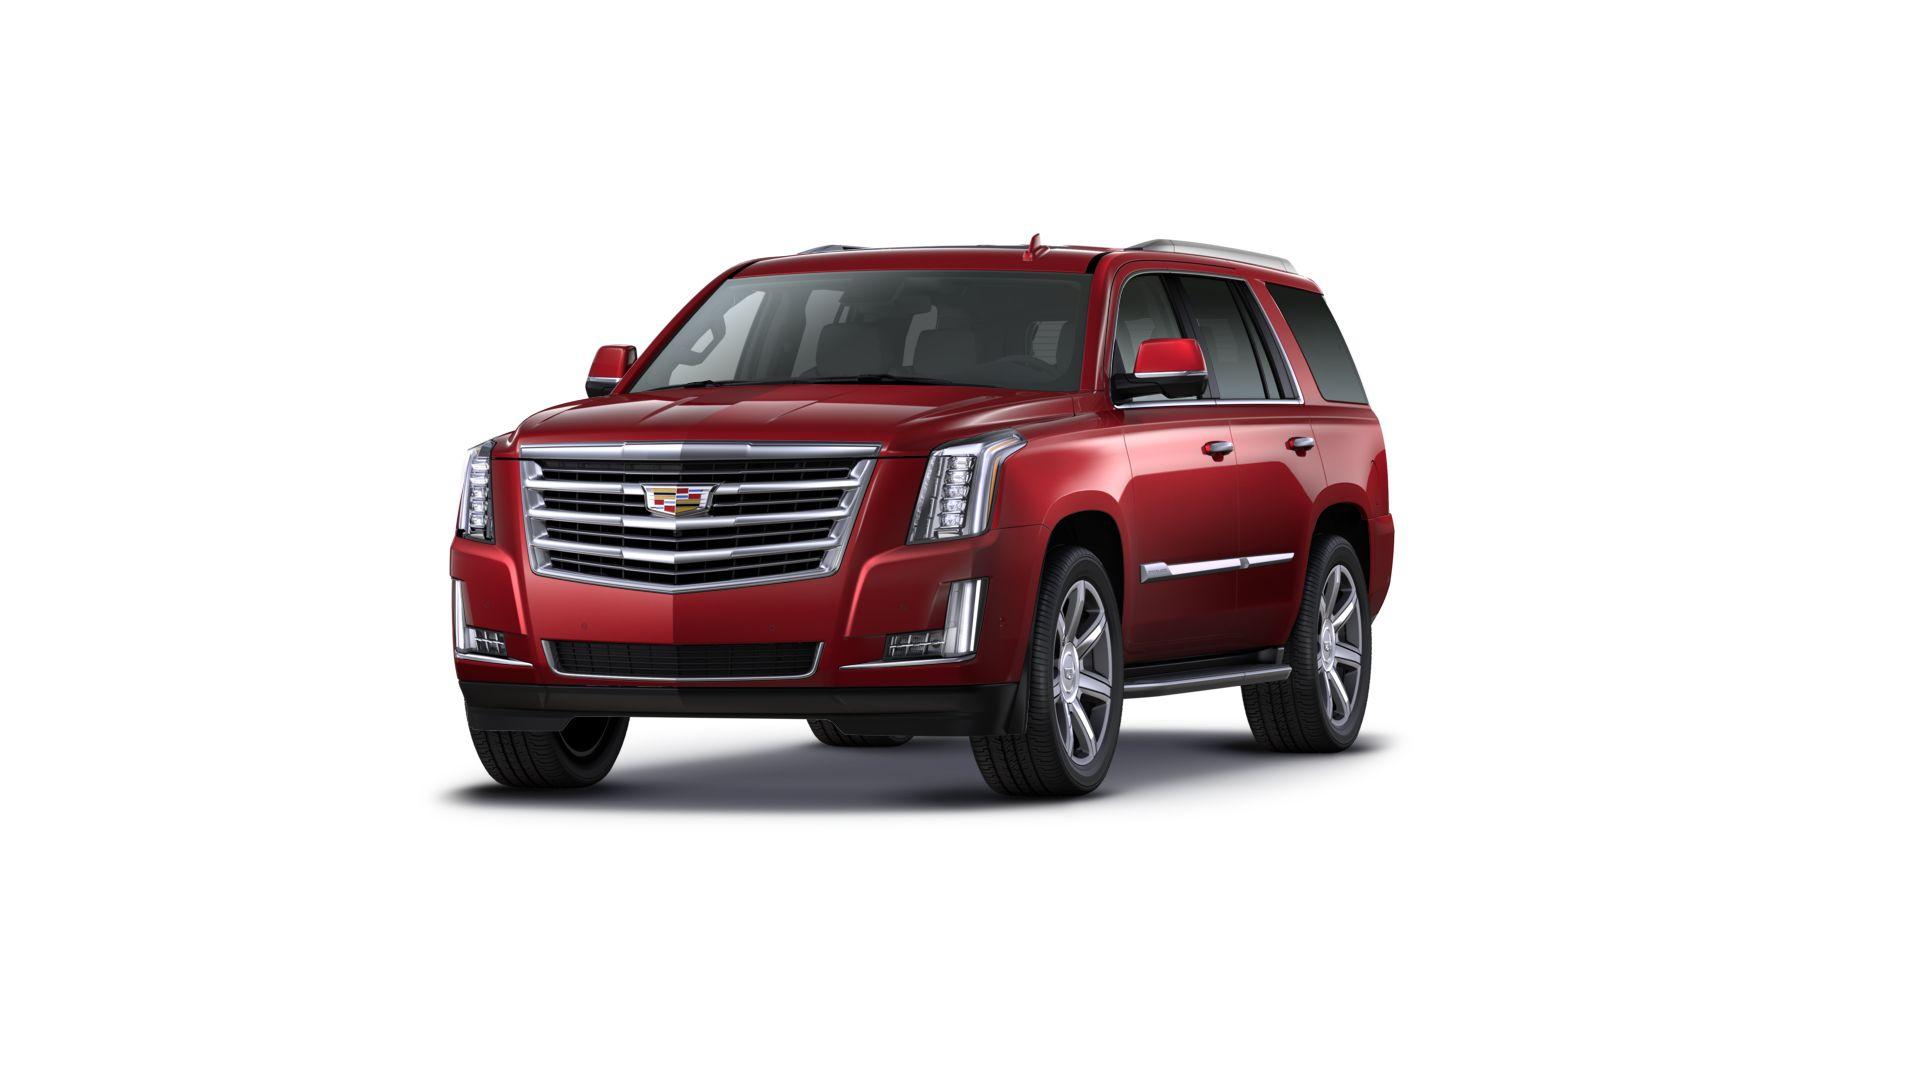 2017 Cadillac Escalade 6.2L V8 Luxury